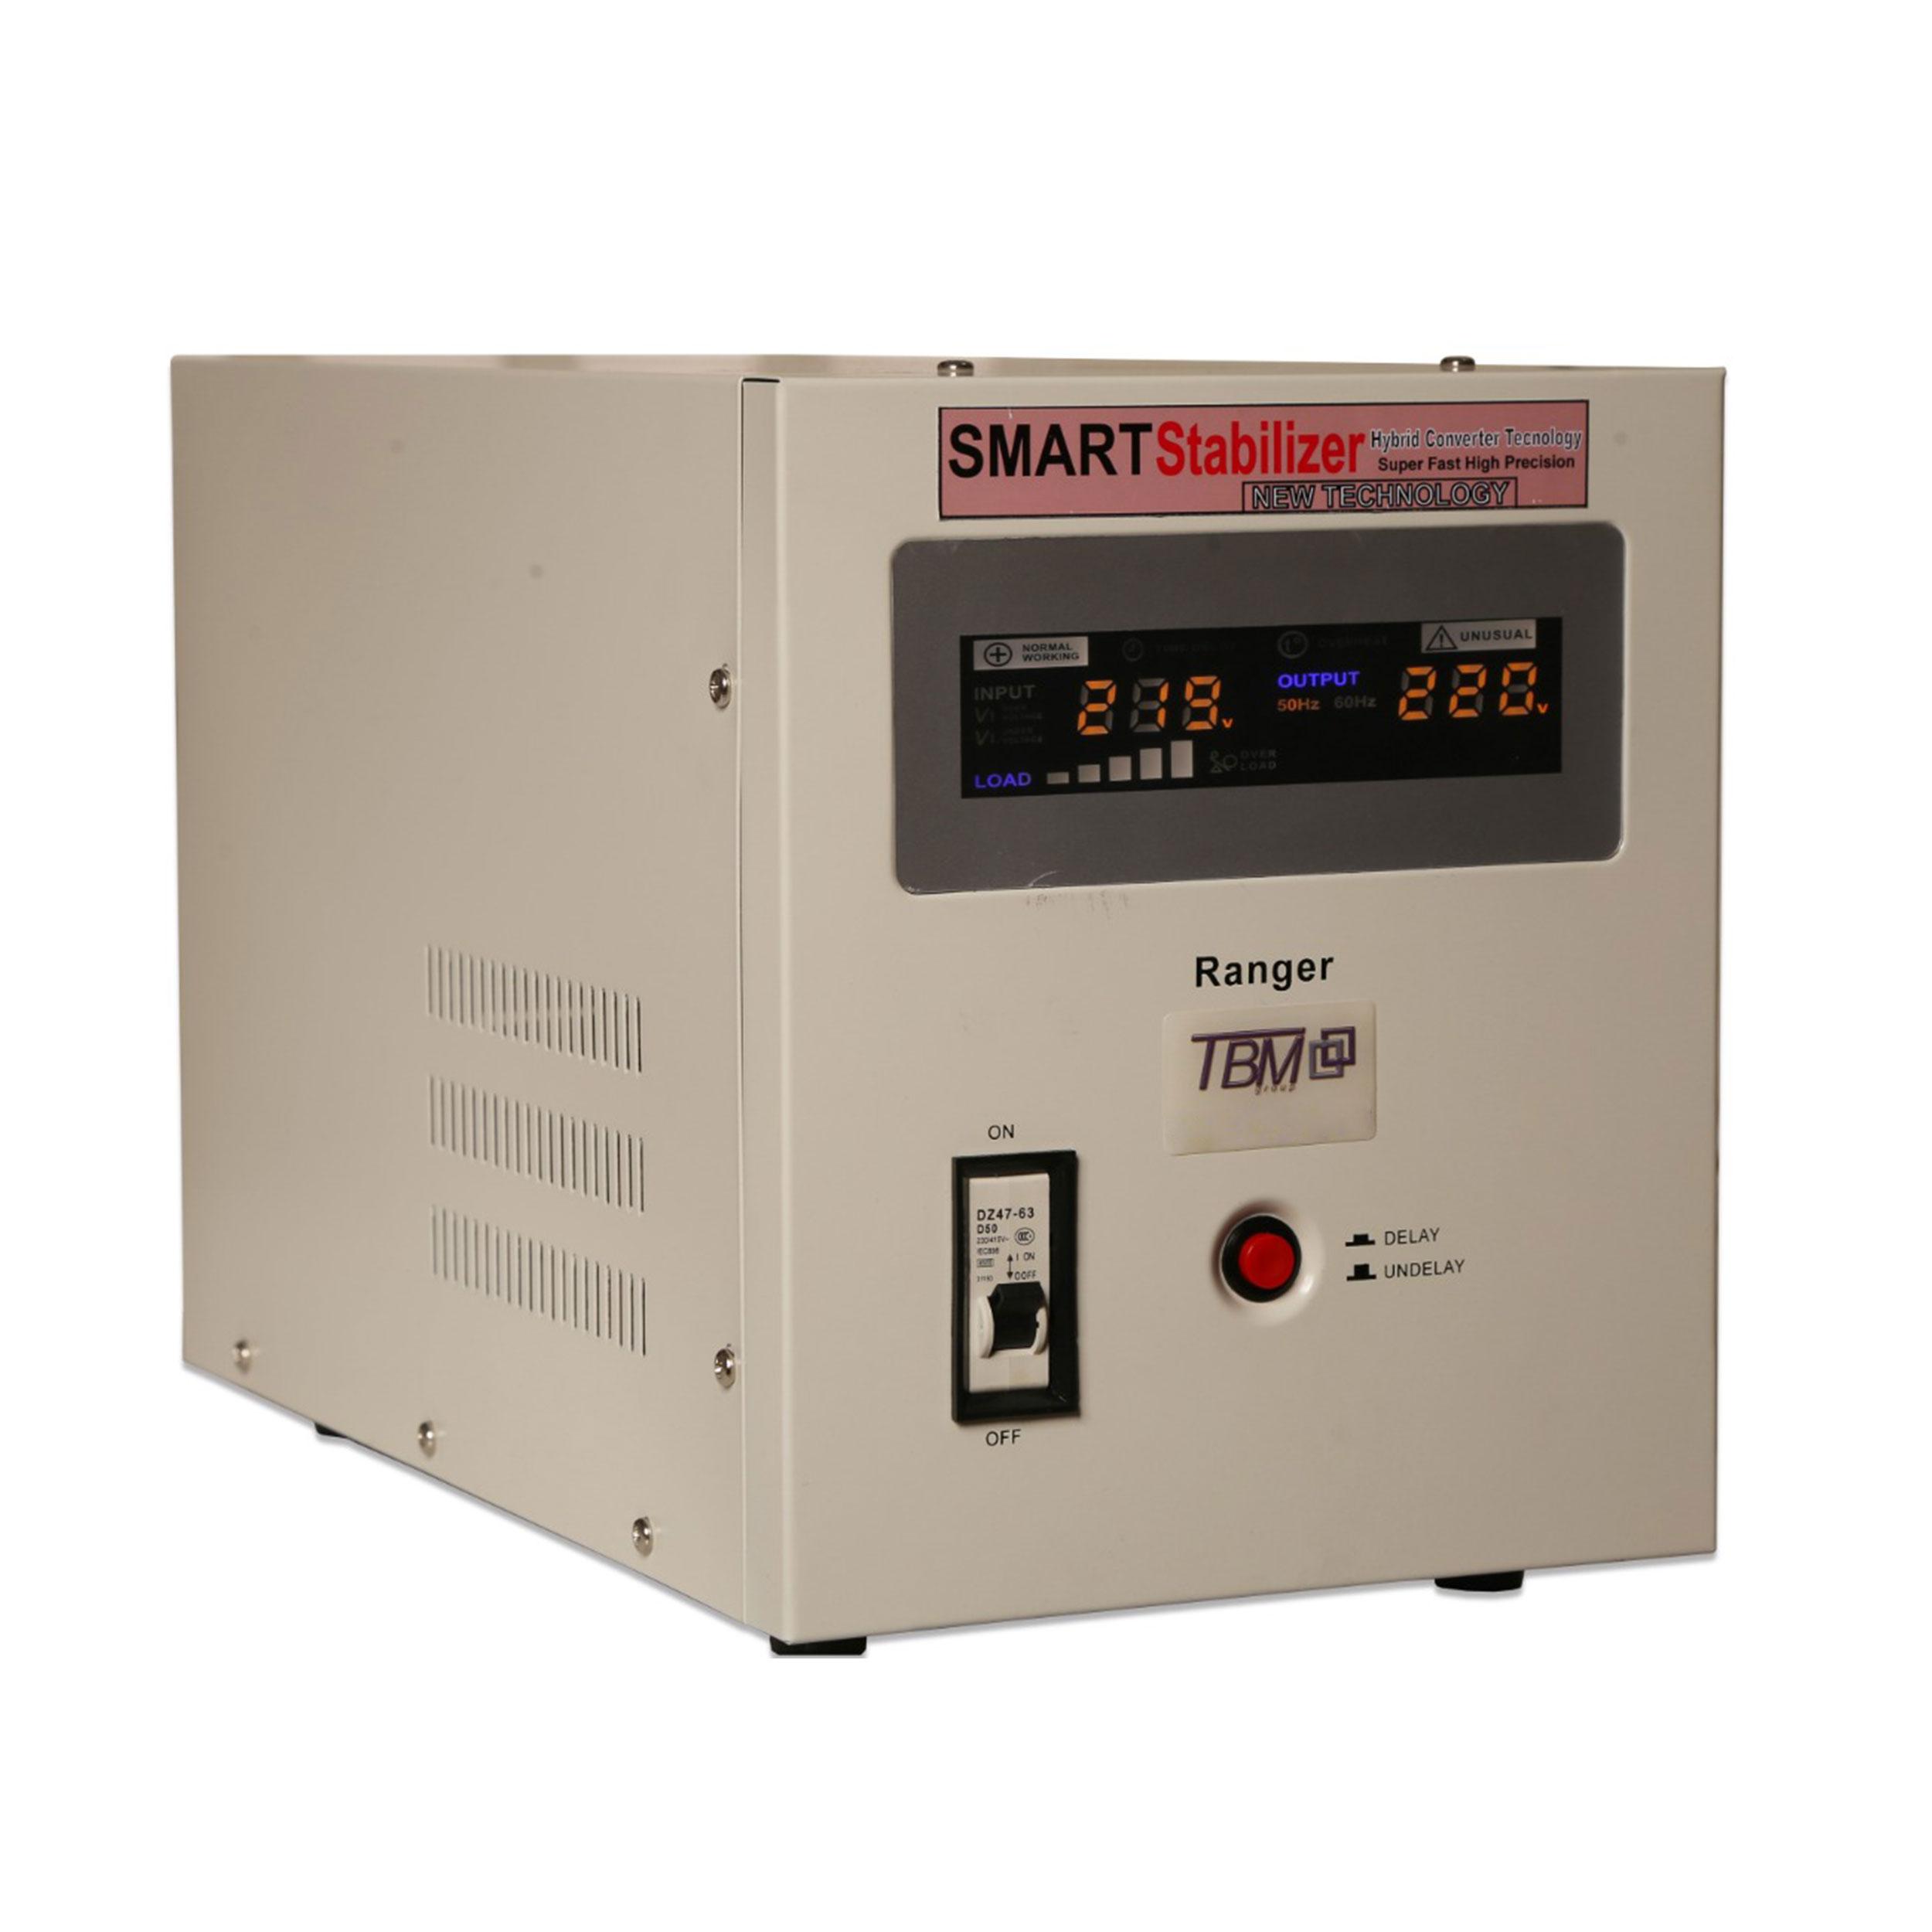 استابلایزر تی بی ام مدل RANGER 20C8k ظرفیت 8000 ولت آمپر